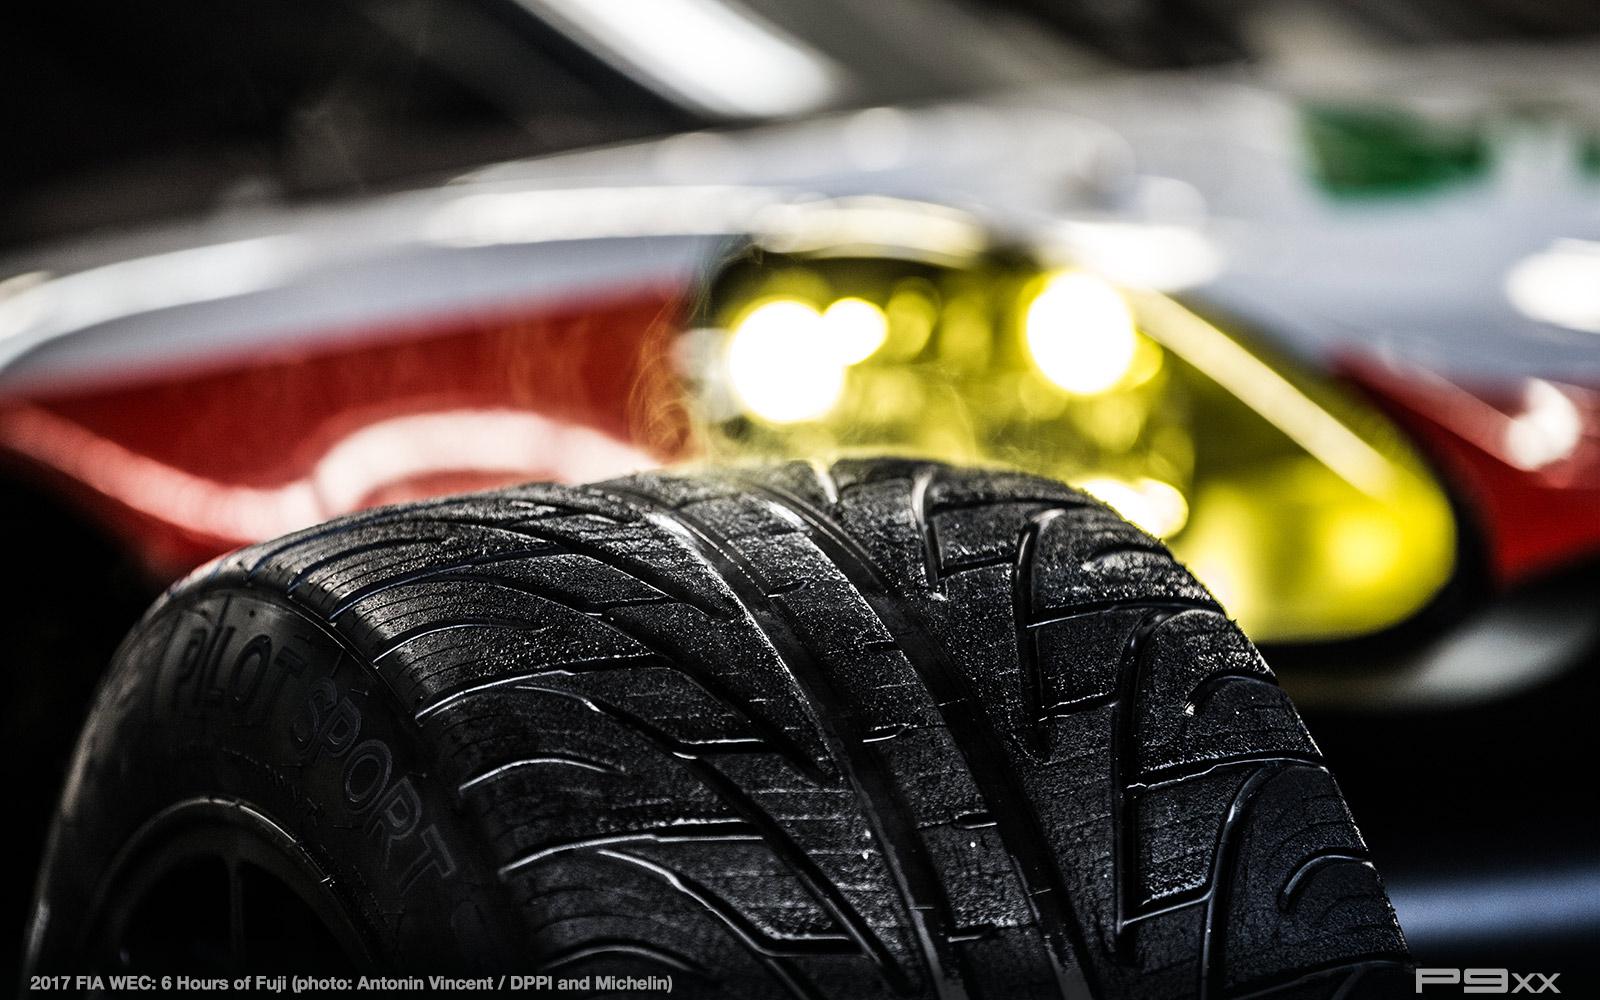 2017-FIA-WEC-6h-of-Fuji-Porsche-Fuji_02117011_0303297